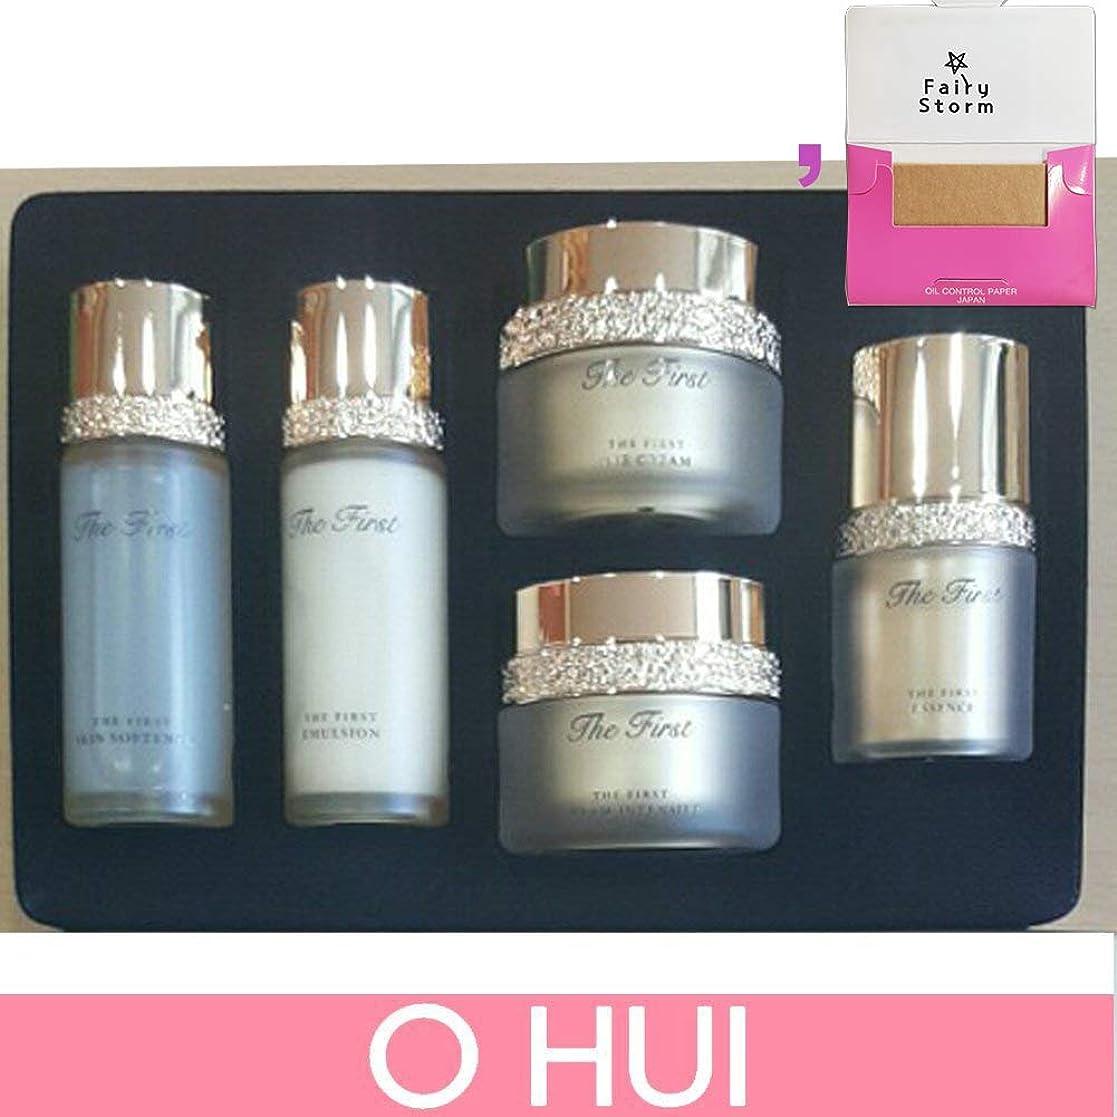 セーター主人発生【オフィ/O HUI]韩国化妆品LG生活健康/オフィスよりファースト5種のスペシャルキット/OHUI the First Cell Revolution5pcs Special Kit Set+[Sample Gift](海外直送品)